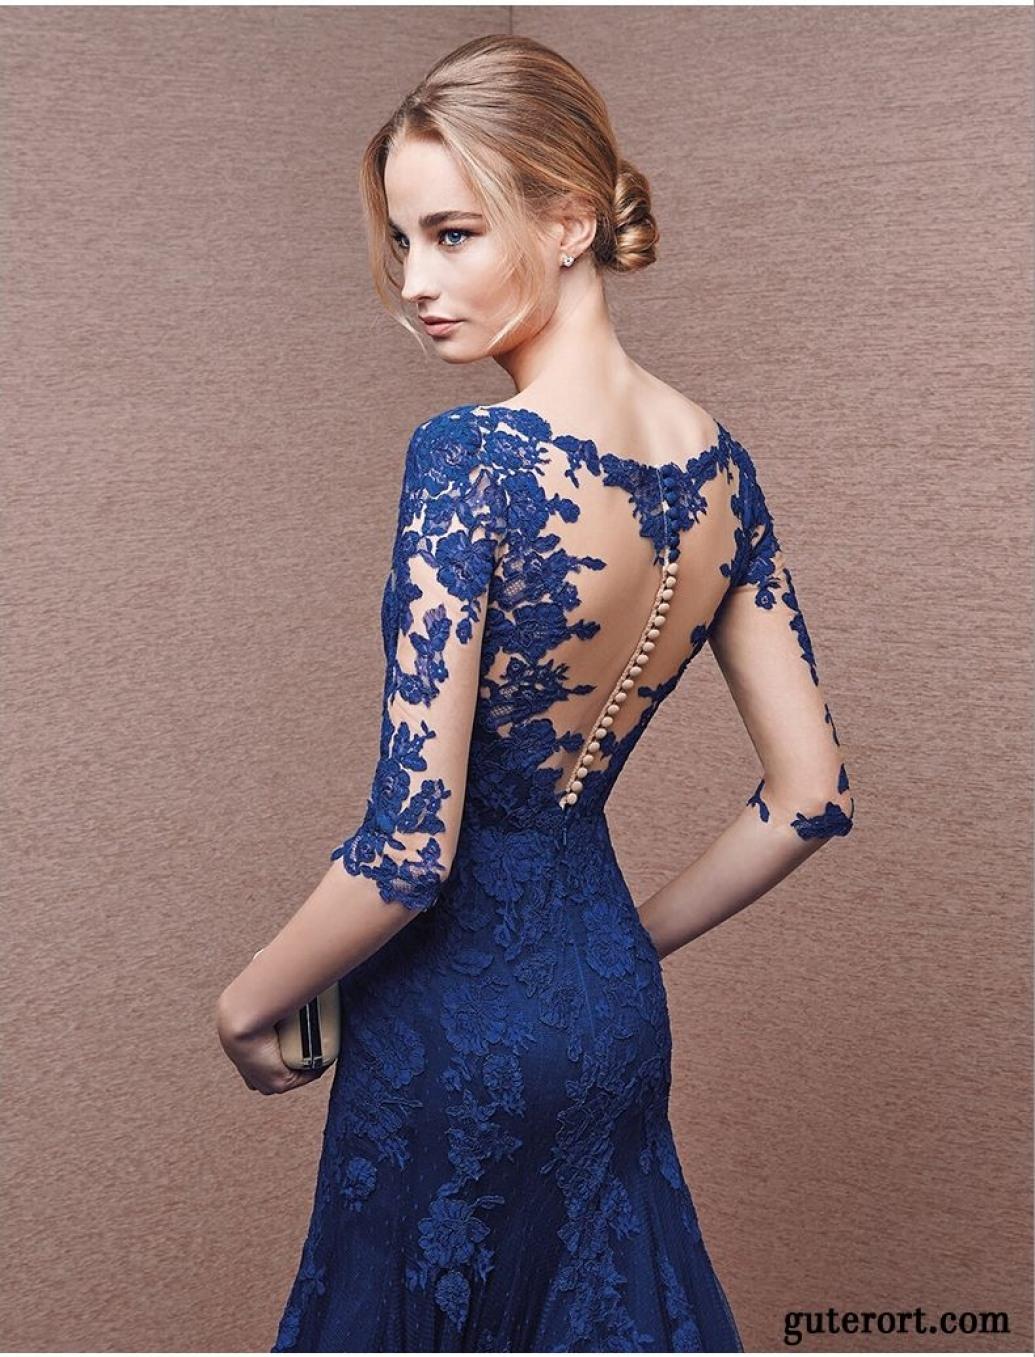 Formal Fantastisch Blaues Langes Kleid Spezialgebiet13 Genial Blaues Langes Kleid Stylish